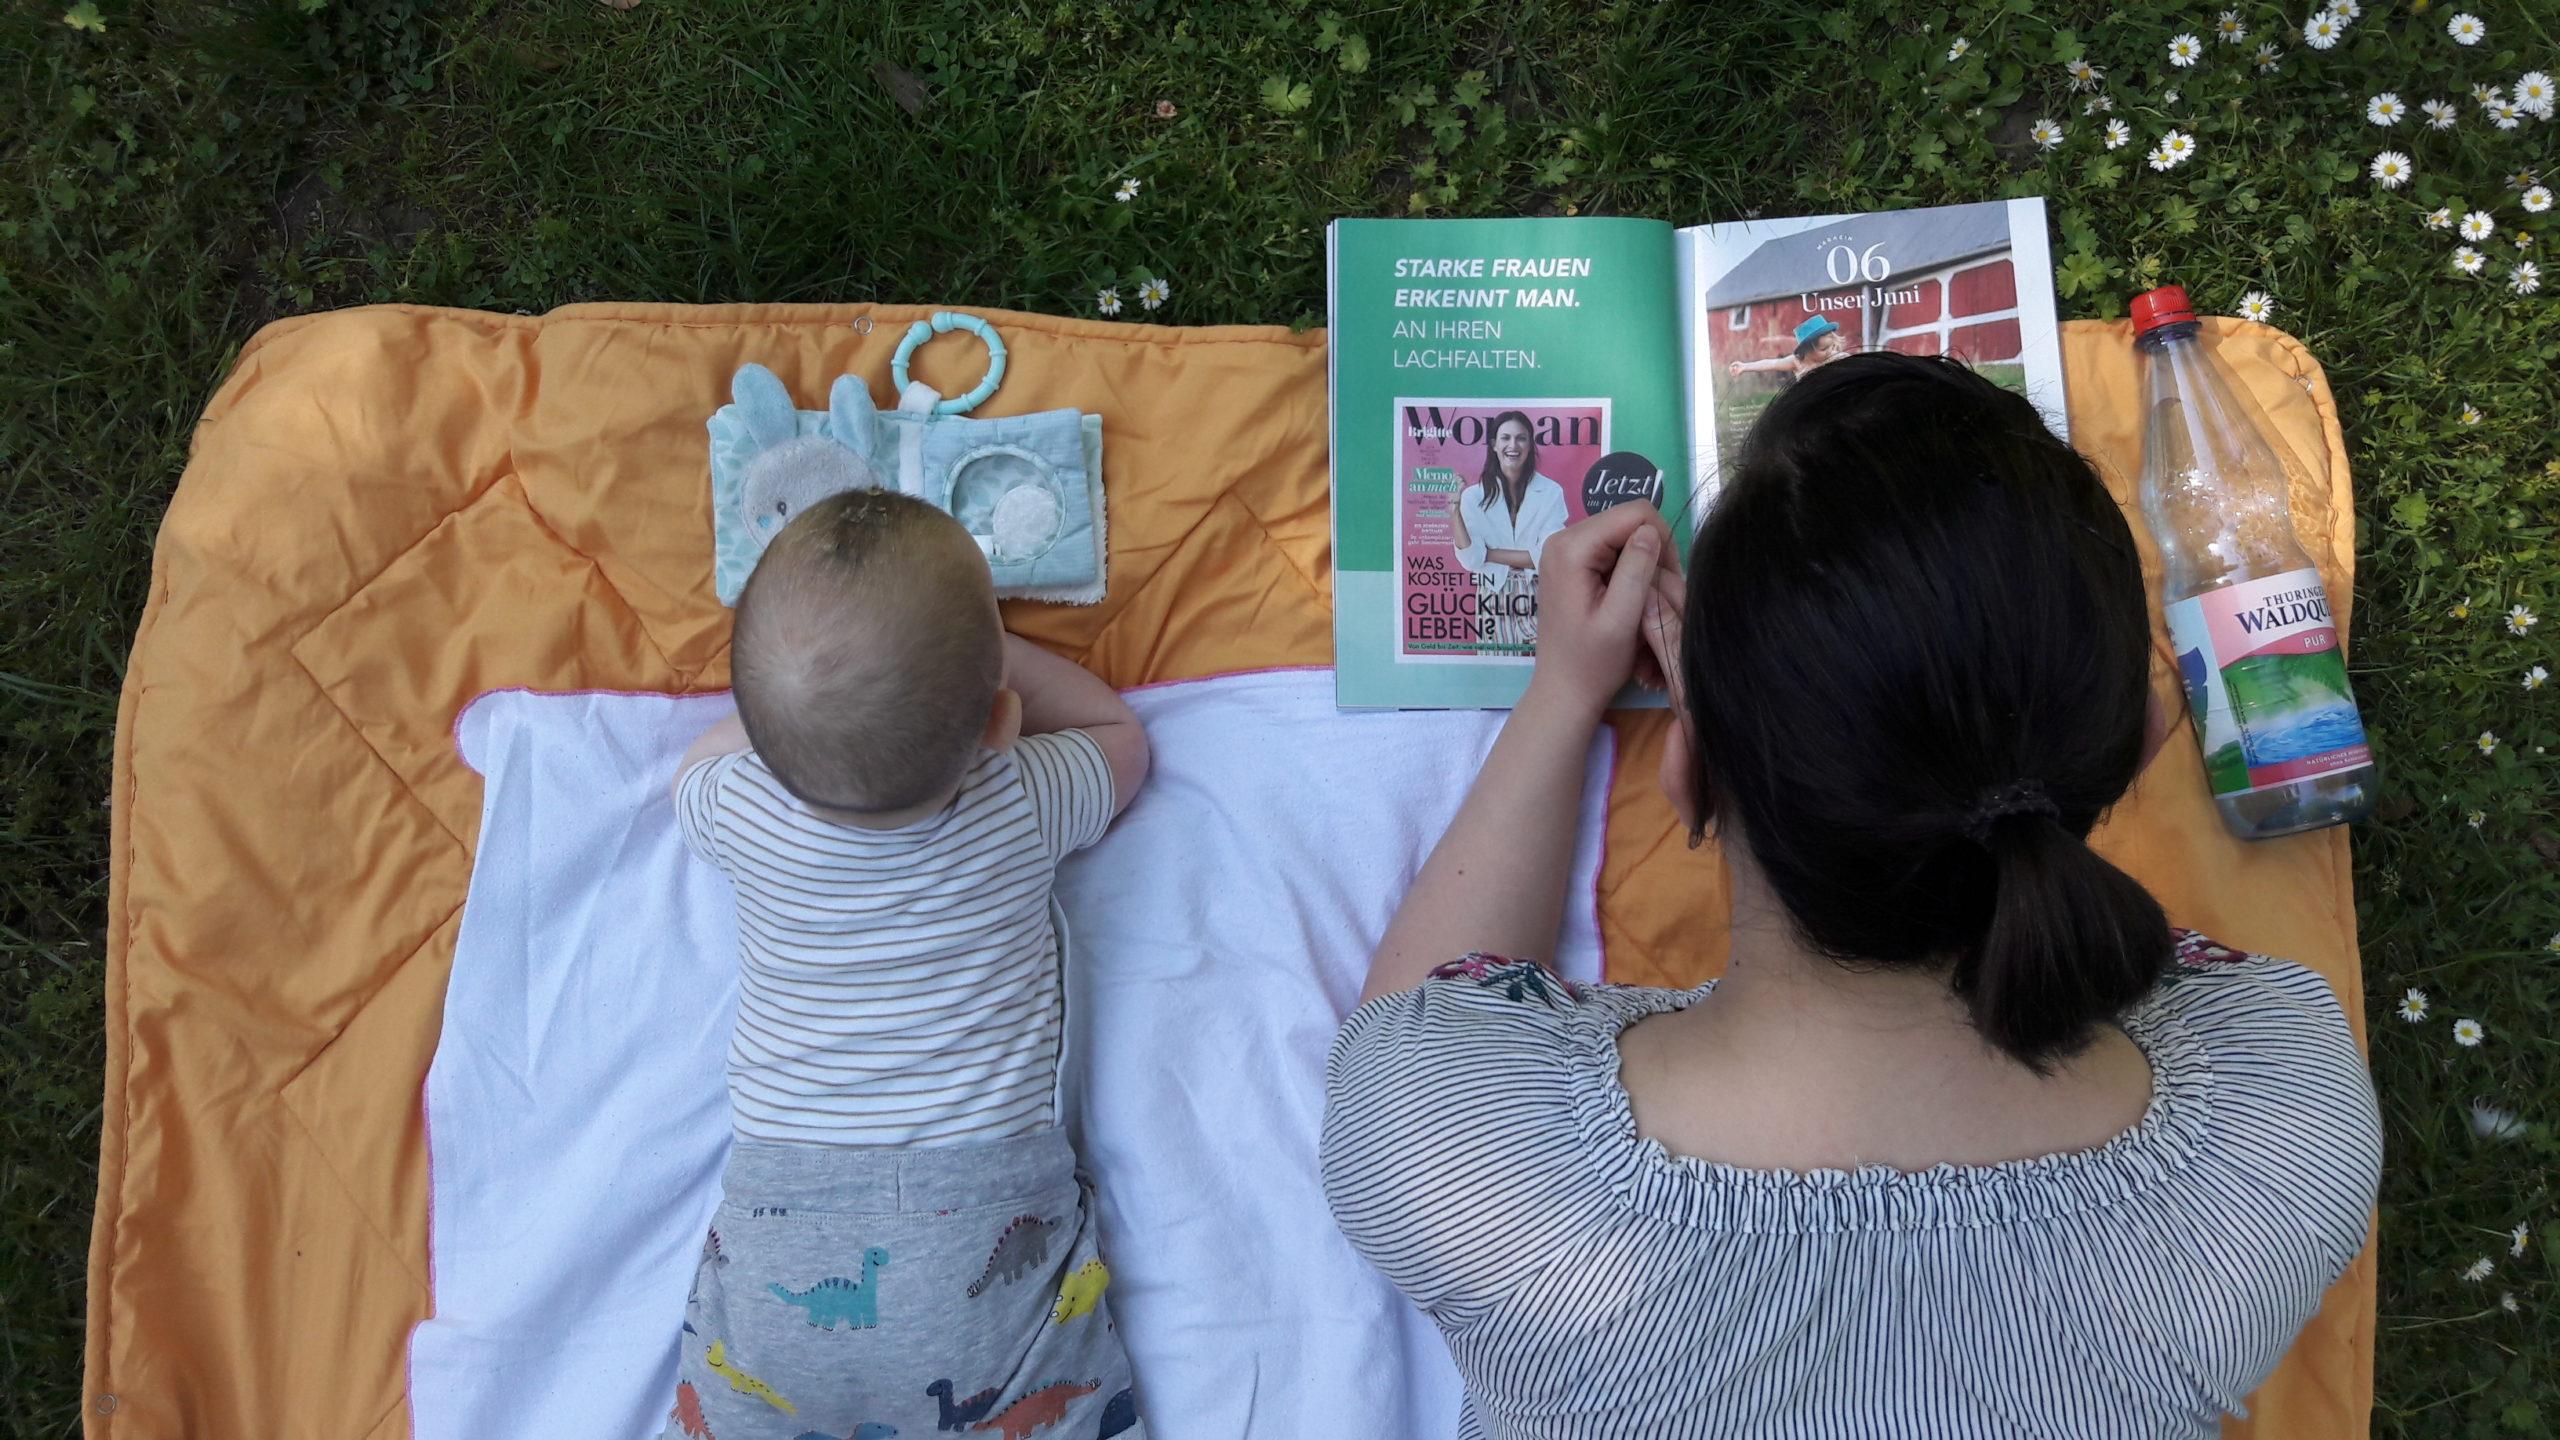 Mutter und Sohn liegen auf dem Bauch auf einer Decke im Park und lesen